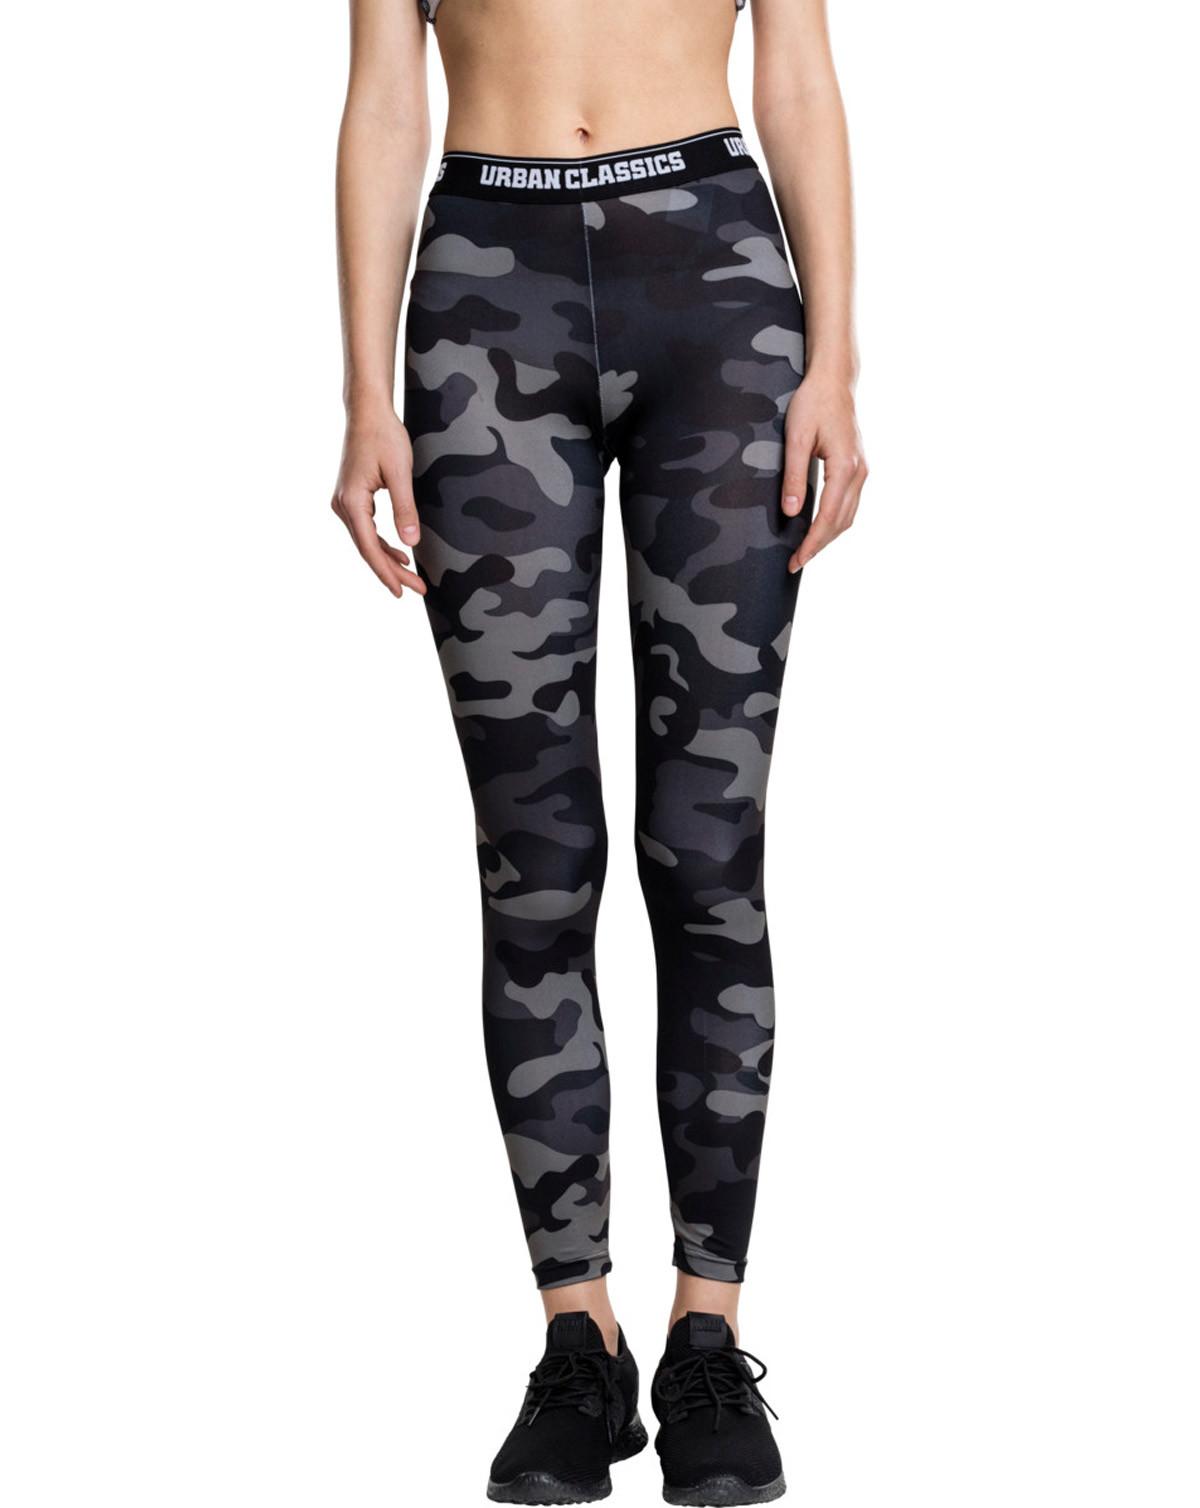 Image of   Urban Classics Camouflage Leggings (Dark Camo, L)